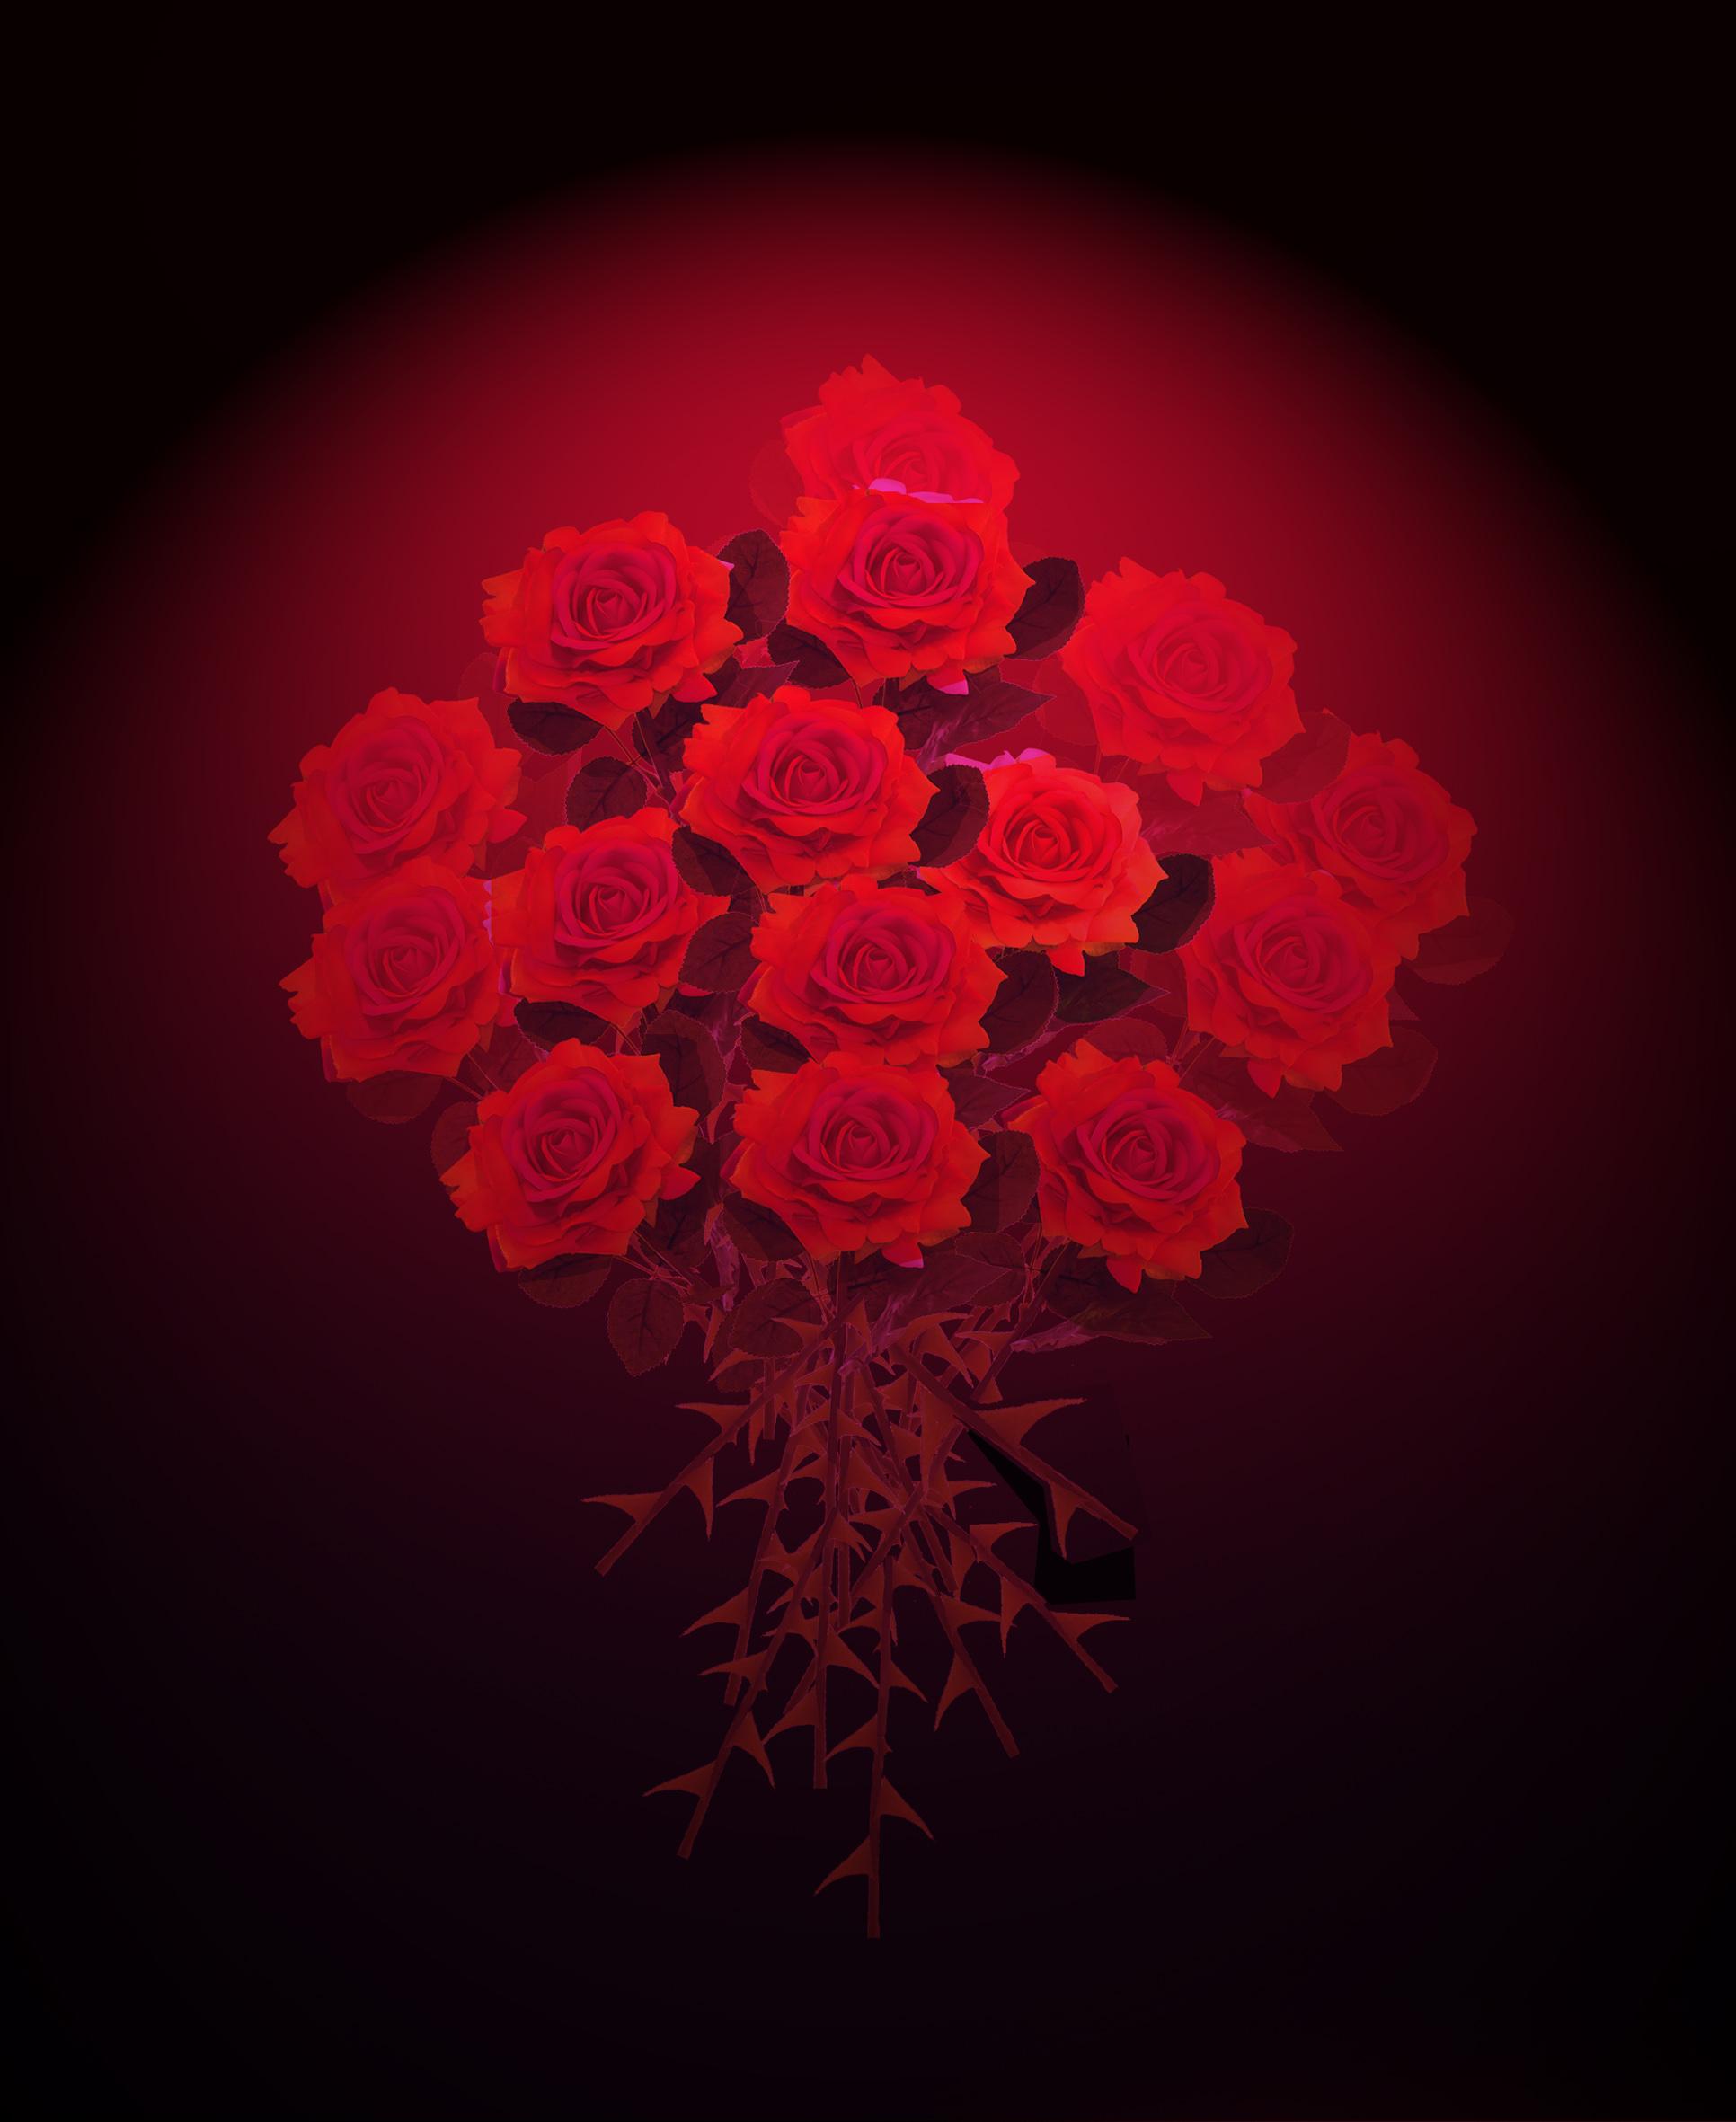 peinture de roses rouges